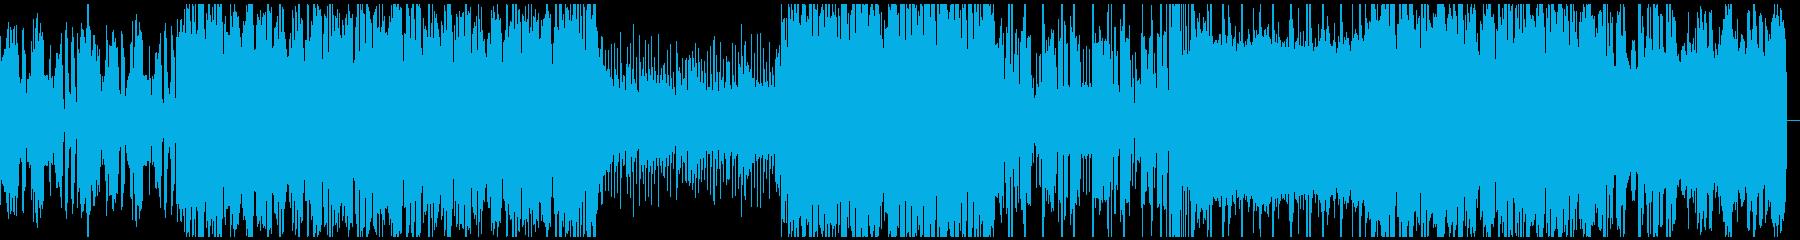 おしゃれで可愛らしいシンセ主体の曲の再生済みの波形